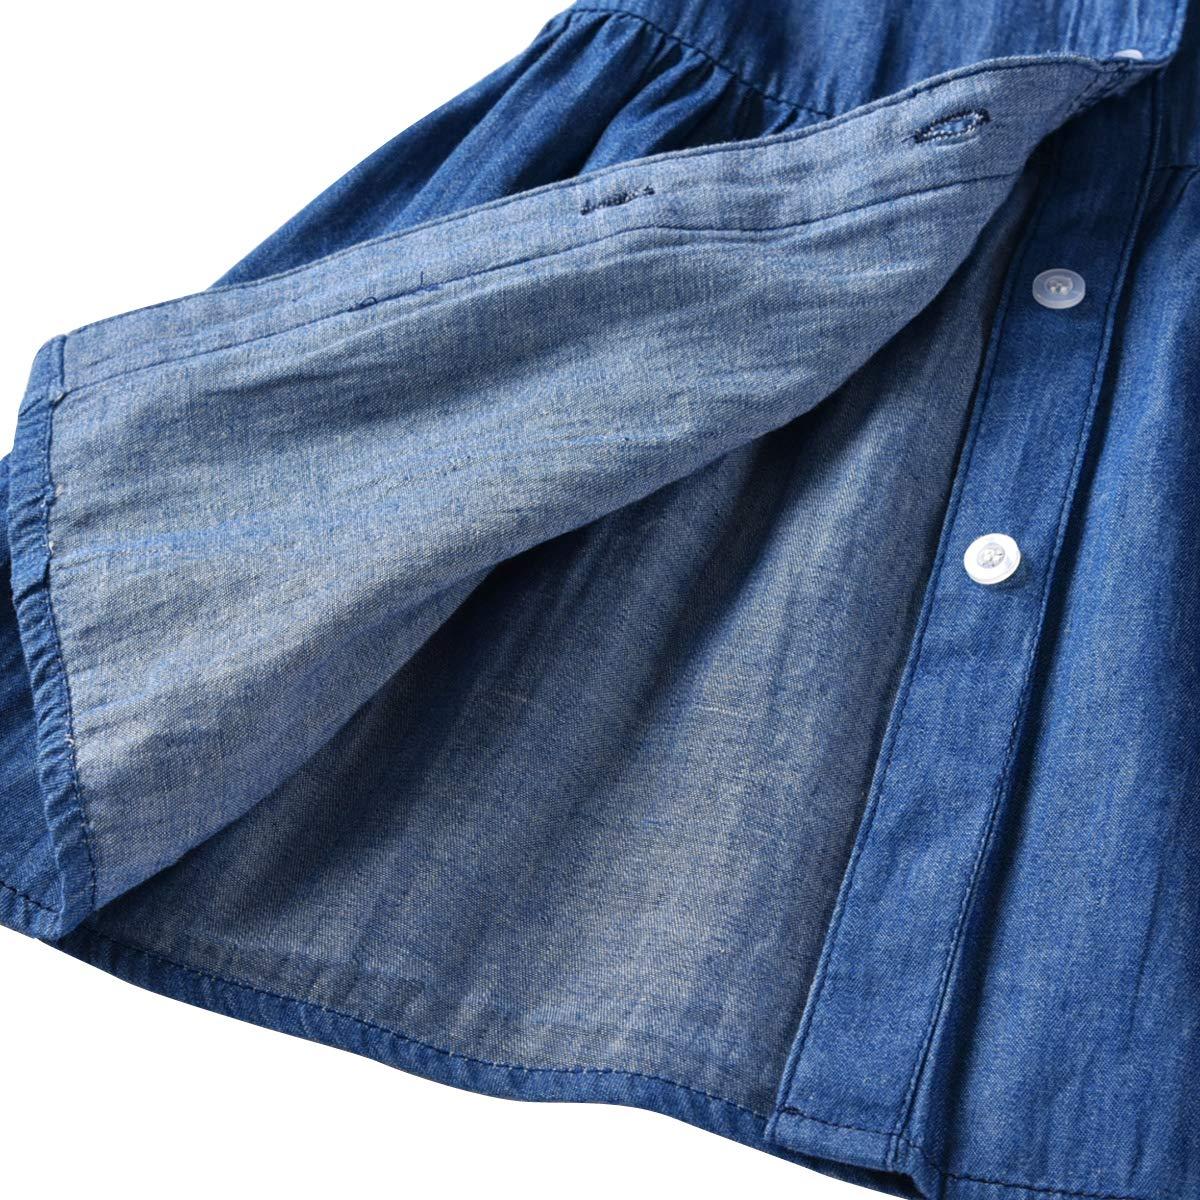 LAPLBEKE Kinderbekleidung Jeanshemd Fr/ühling Langarm Revers Jeansbluse Kleinkind Baby Kleidung Kind M/ädchen Denim Gerafft Lange /Ärmel T-Shirt Oberteile Bluse